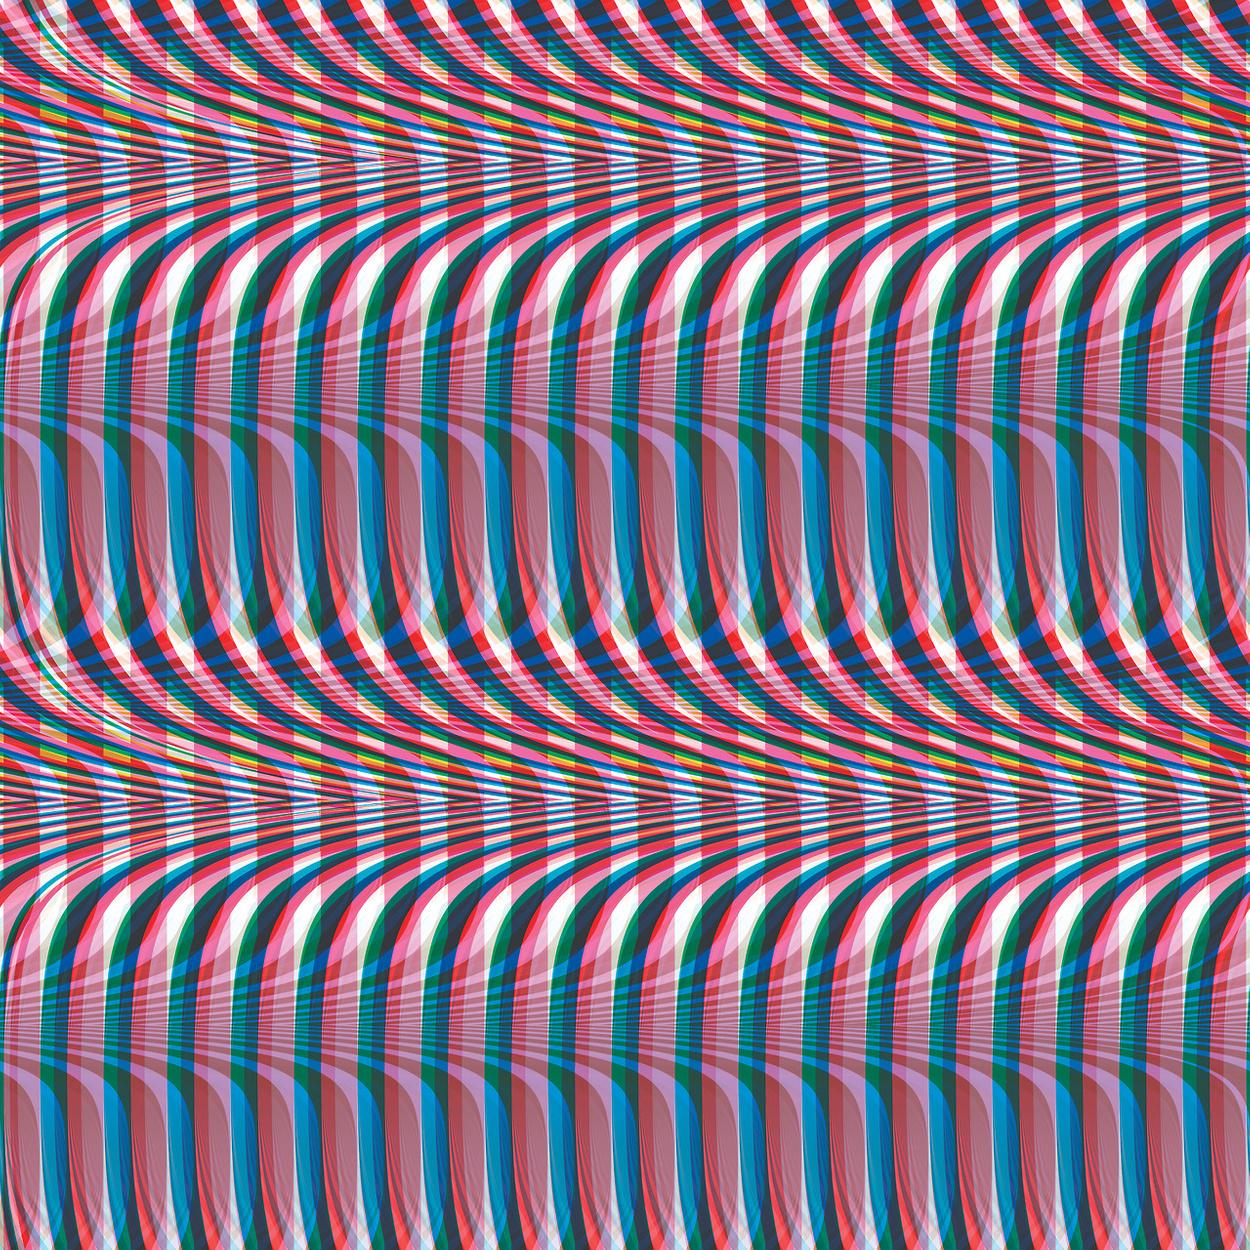 glitch_stripes_21_o